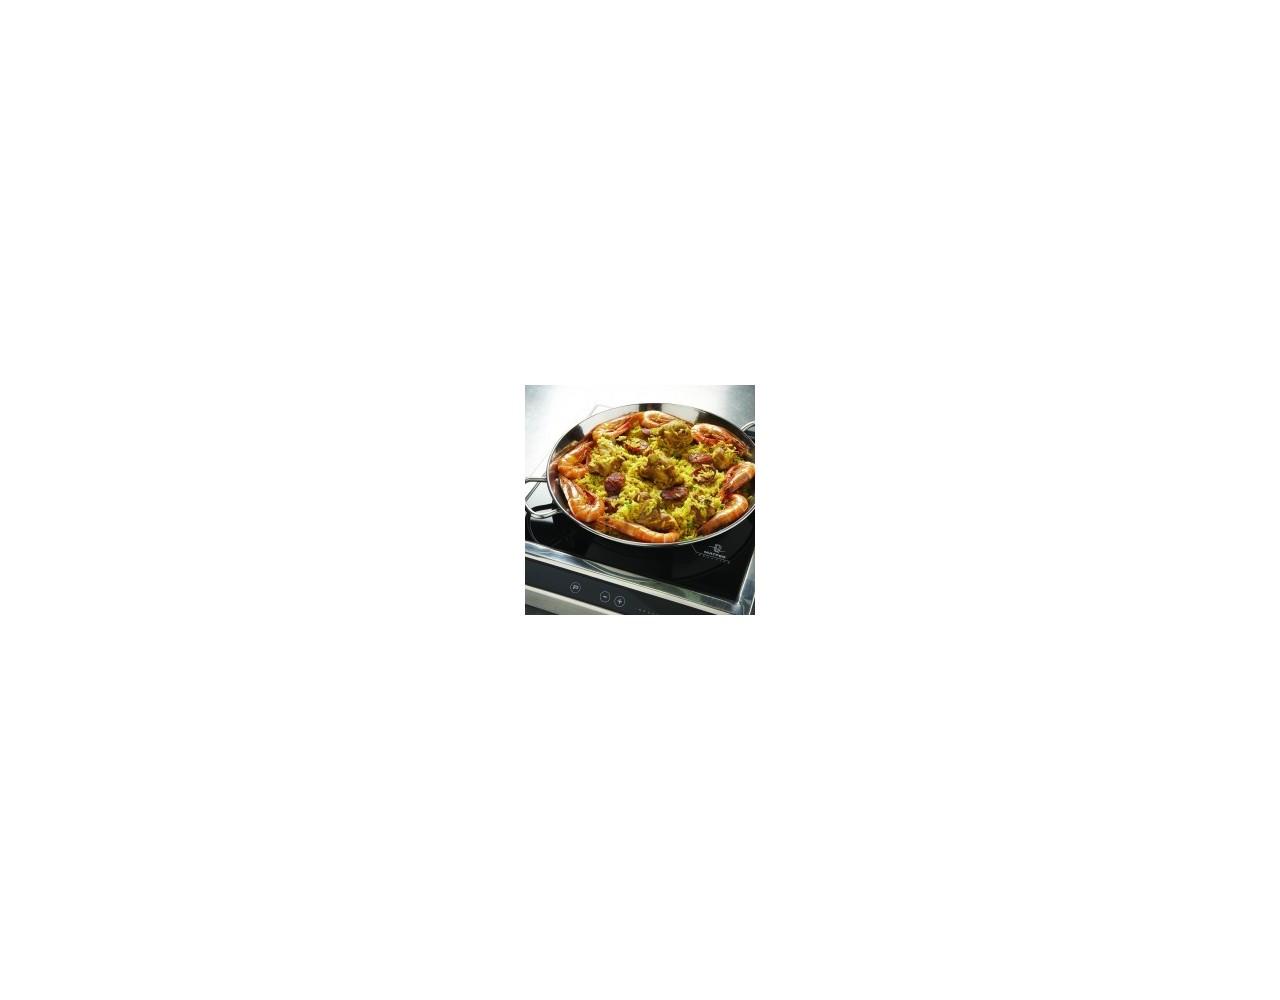 Wok & poêle à paella